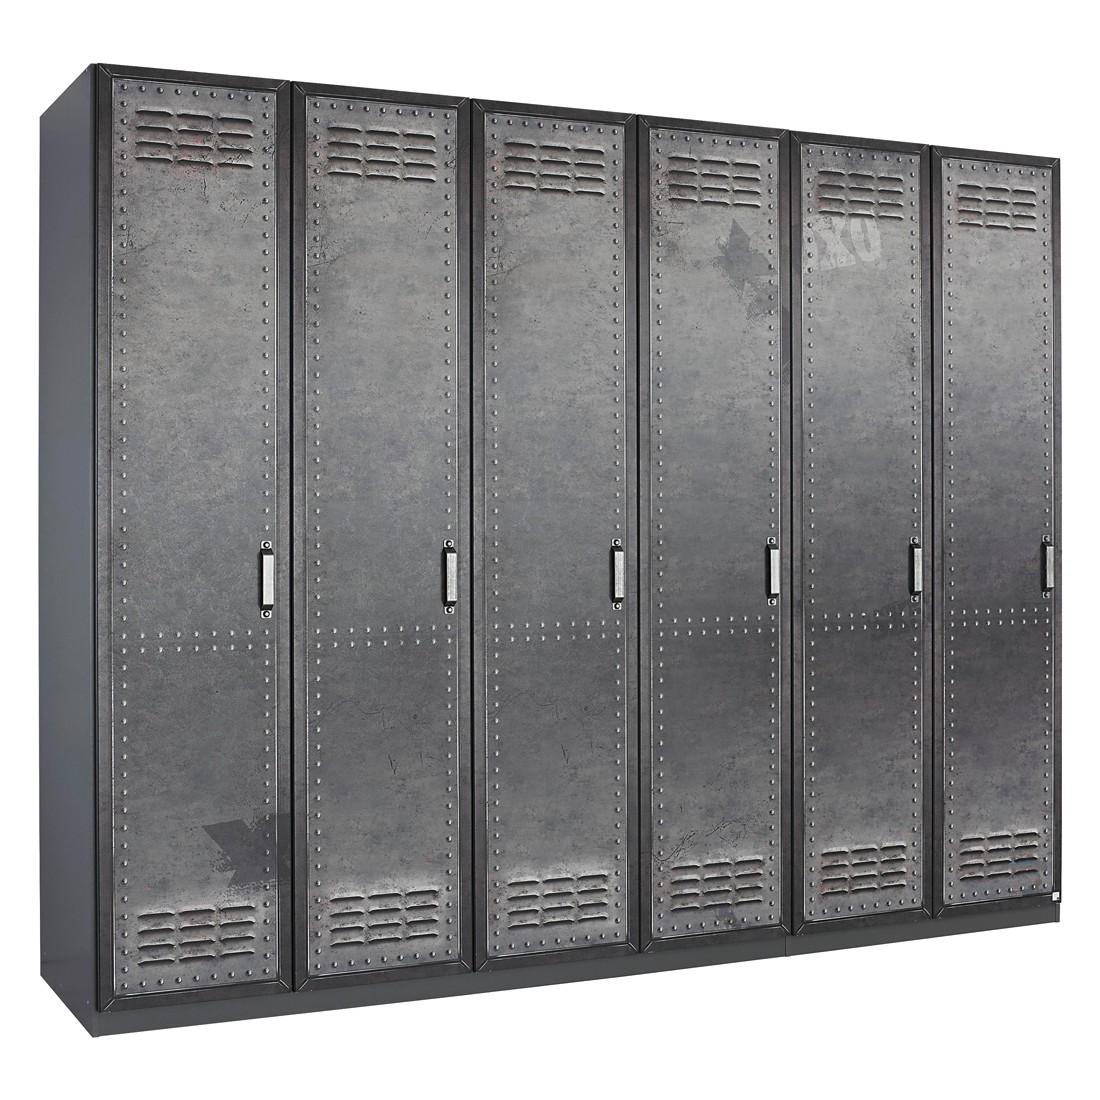 goedkoop Draaideurkast Workbase industrial print look grafietkleurig 95cm 2 deurs scharnieren links Rauch Select